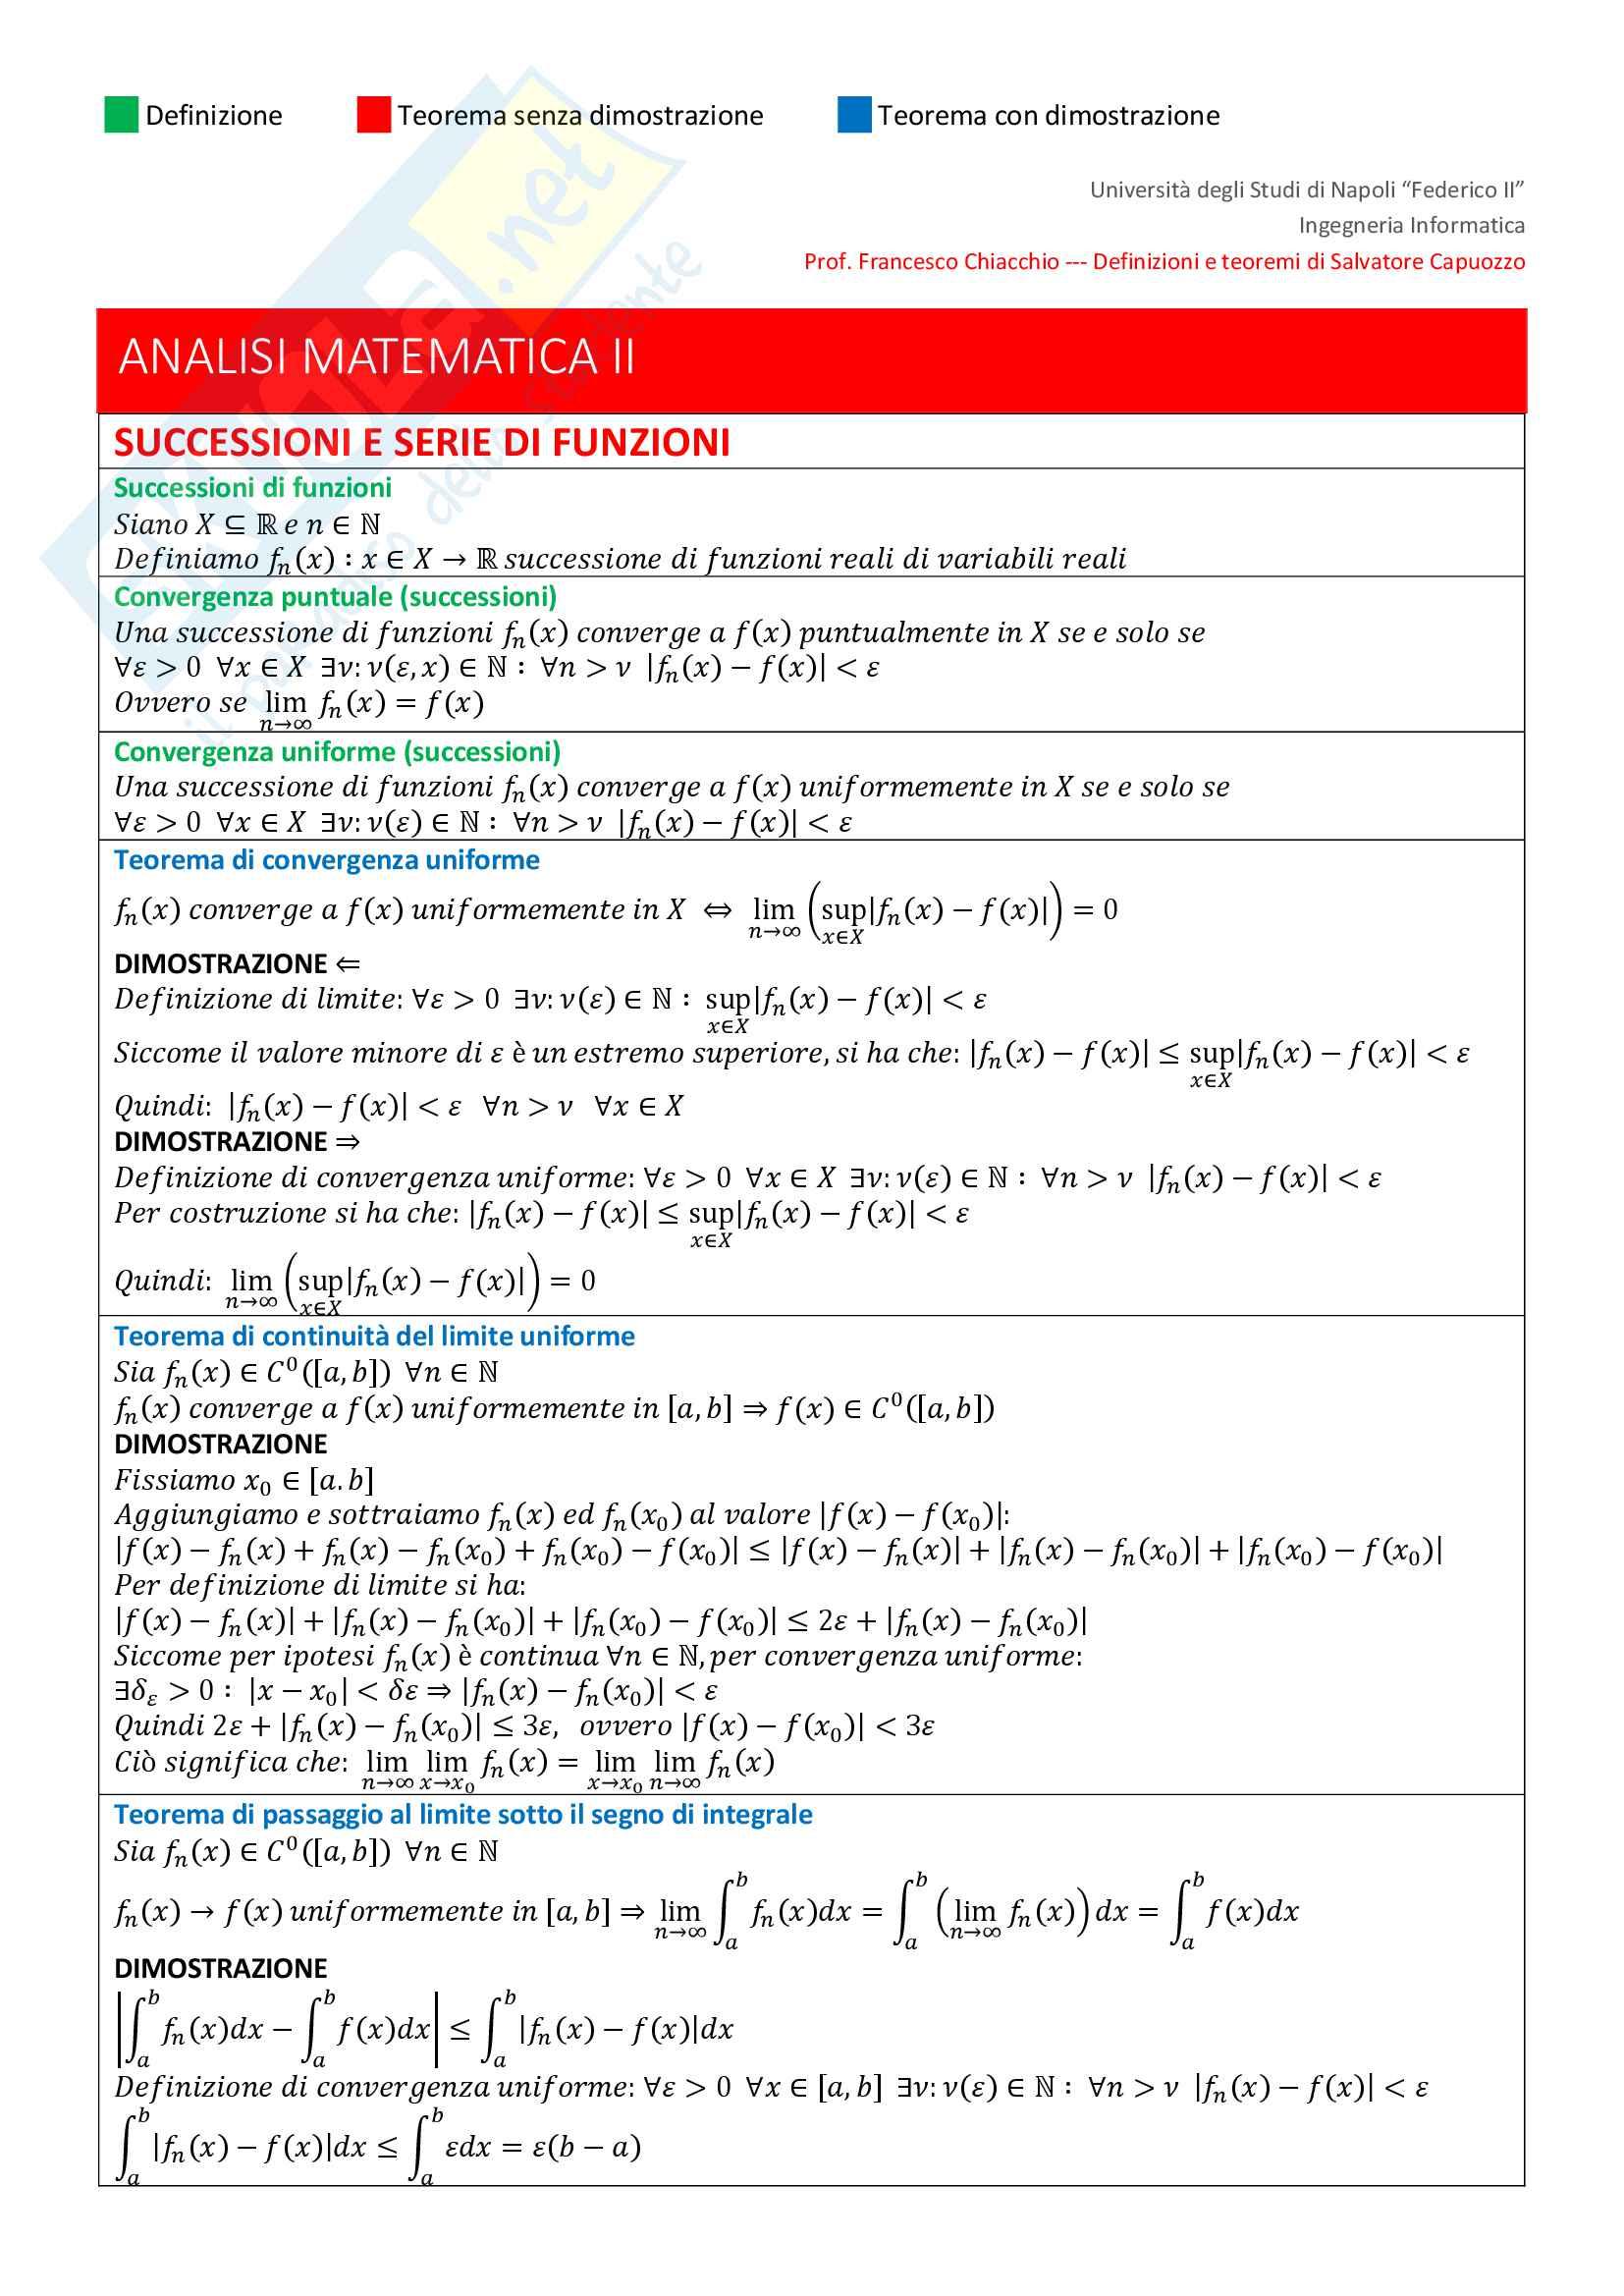 appunto F. Chiacchio Analisi matematica II